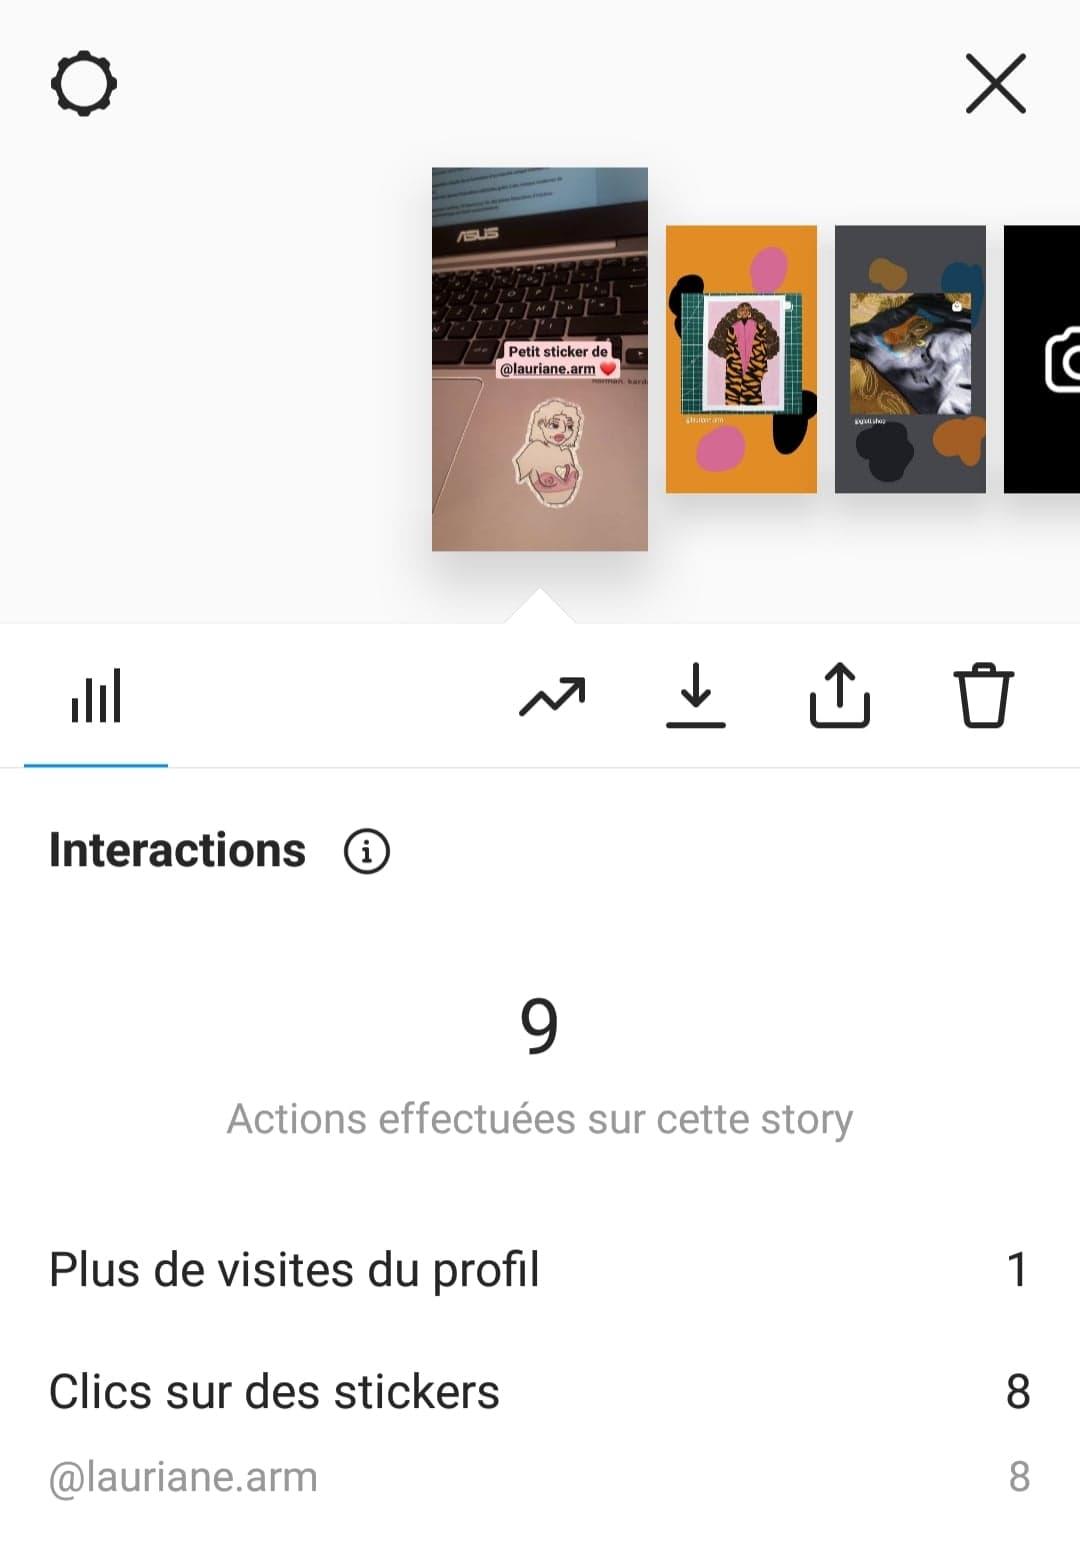 statistique Instagram avec le nombre d'interactions